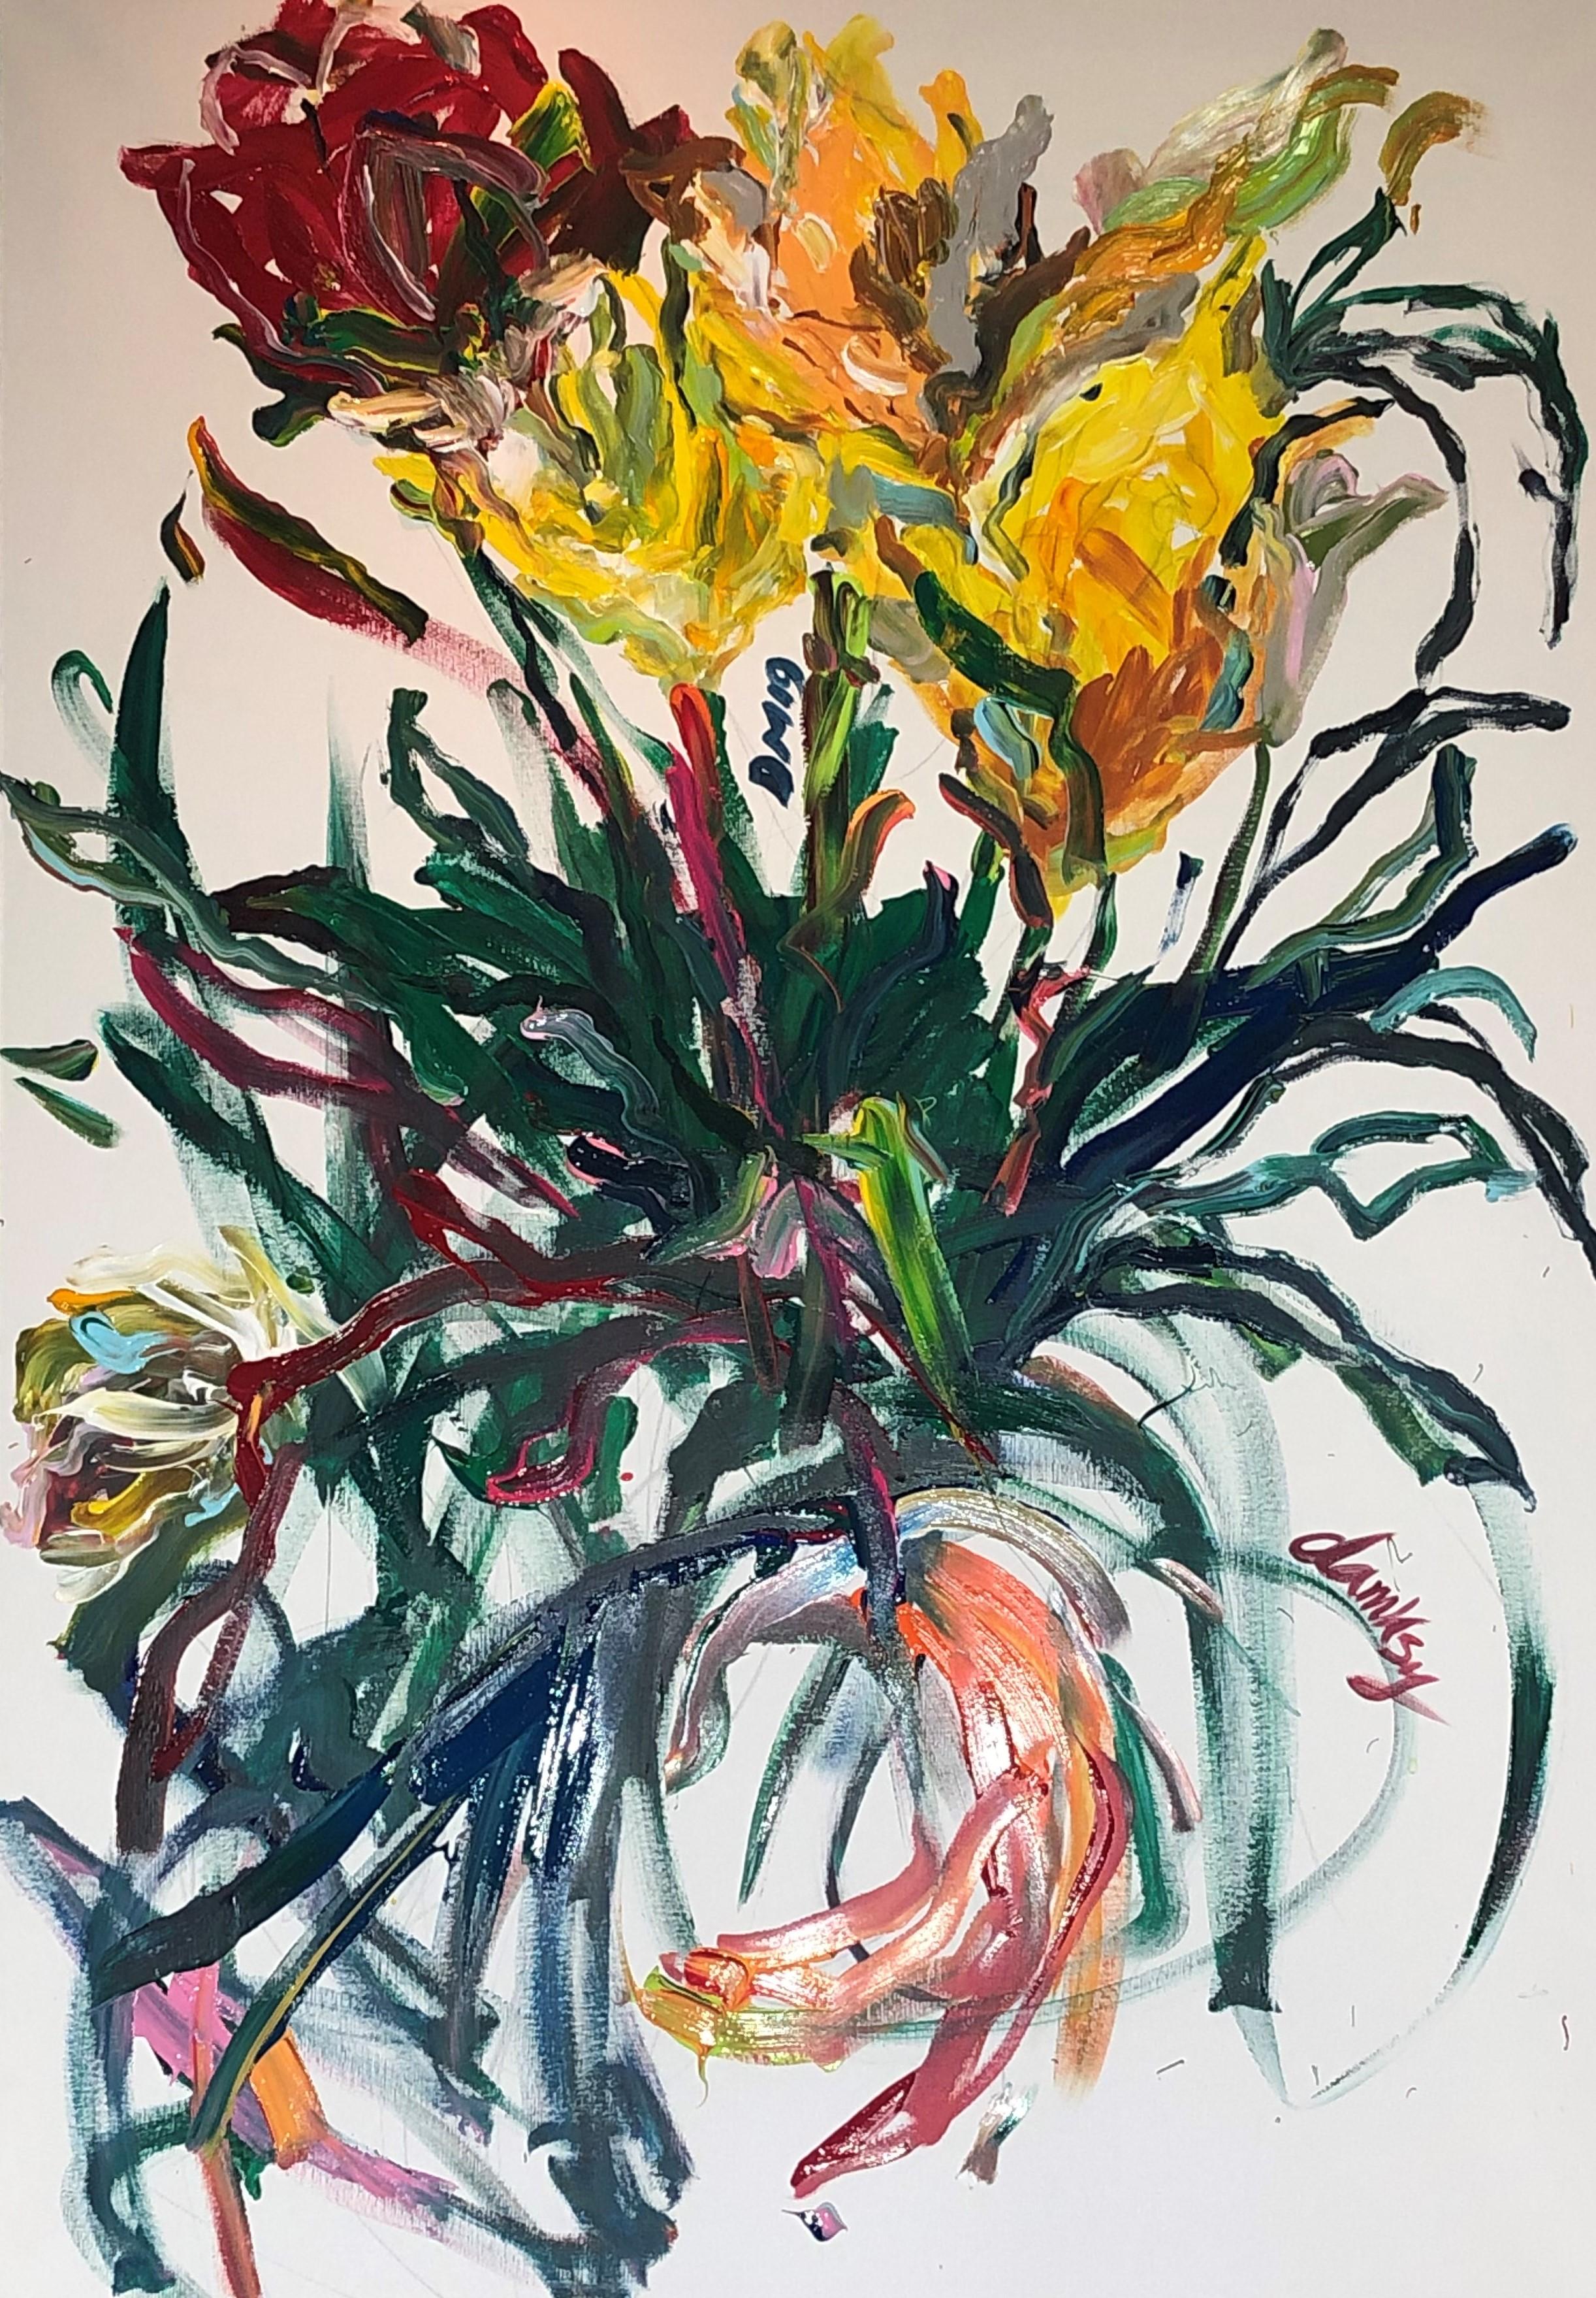 Tulip mania190302-2(SOLD)